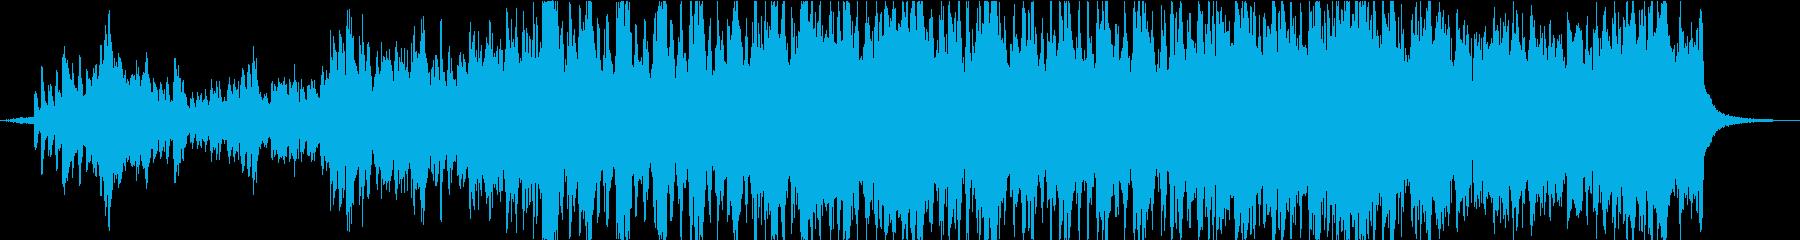 疾走感が半端ないオーケストラ(短縮版)の再生済みの波形